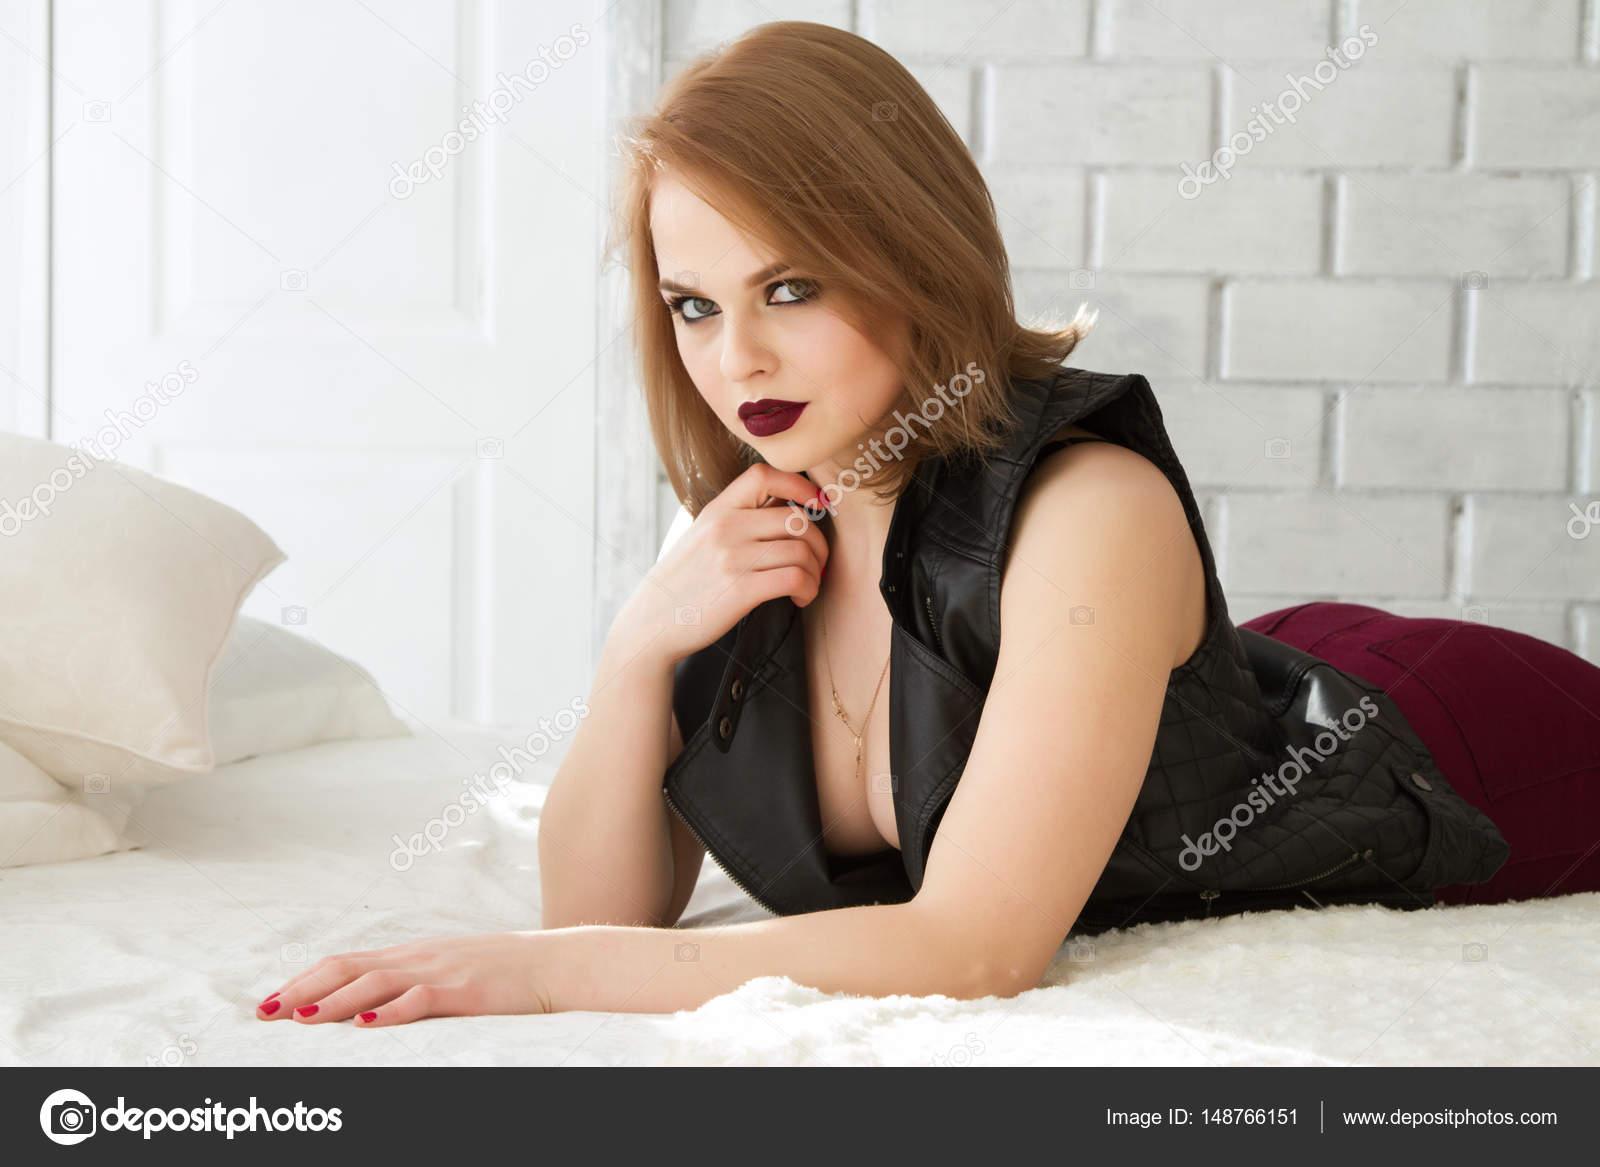 Jong meisje in een lederen jas ligt op een bed in de slaapkamer